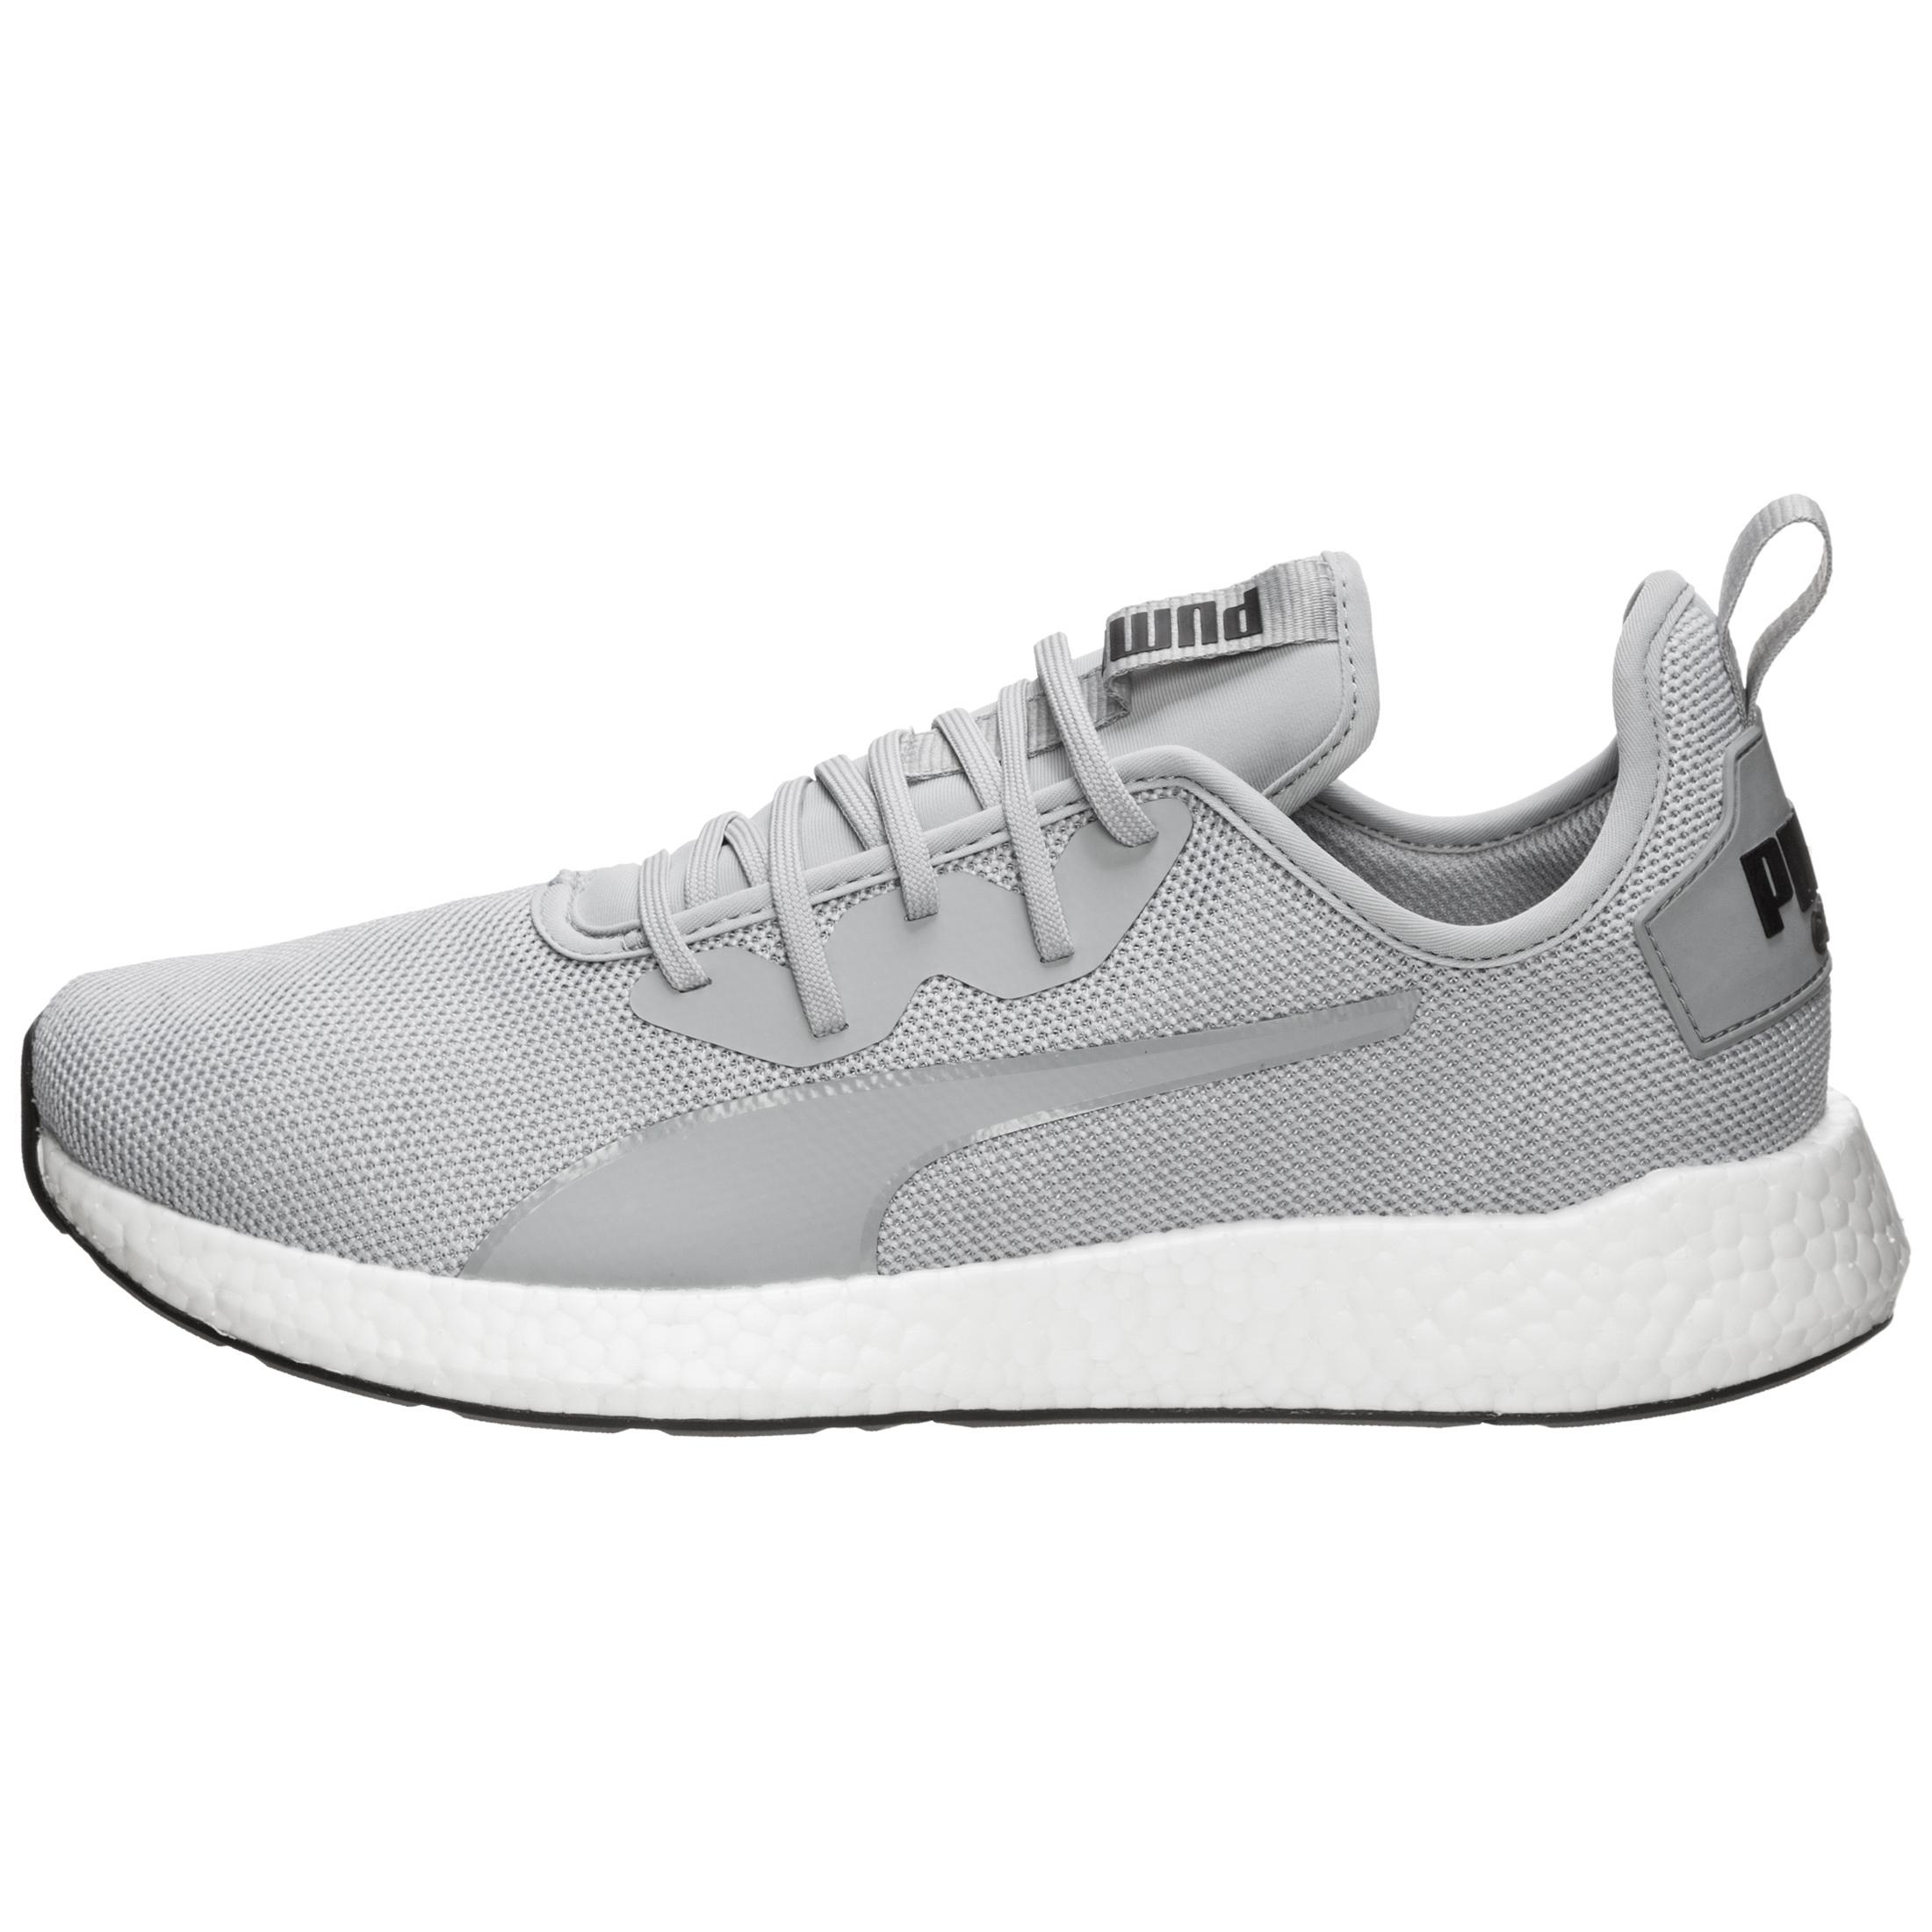 PUMA NRGY Neko Laufschuhe Herren dunkelblau   weiß im im im Online Shop von SportScheck kaufen Gute Qualität beliebte Schuhe a0d412